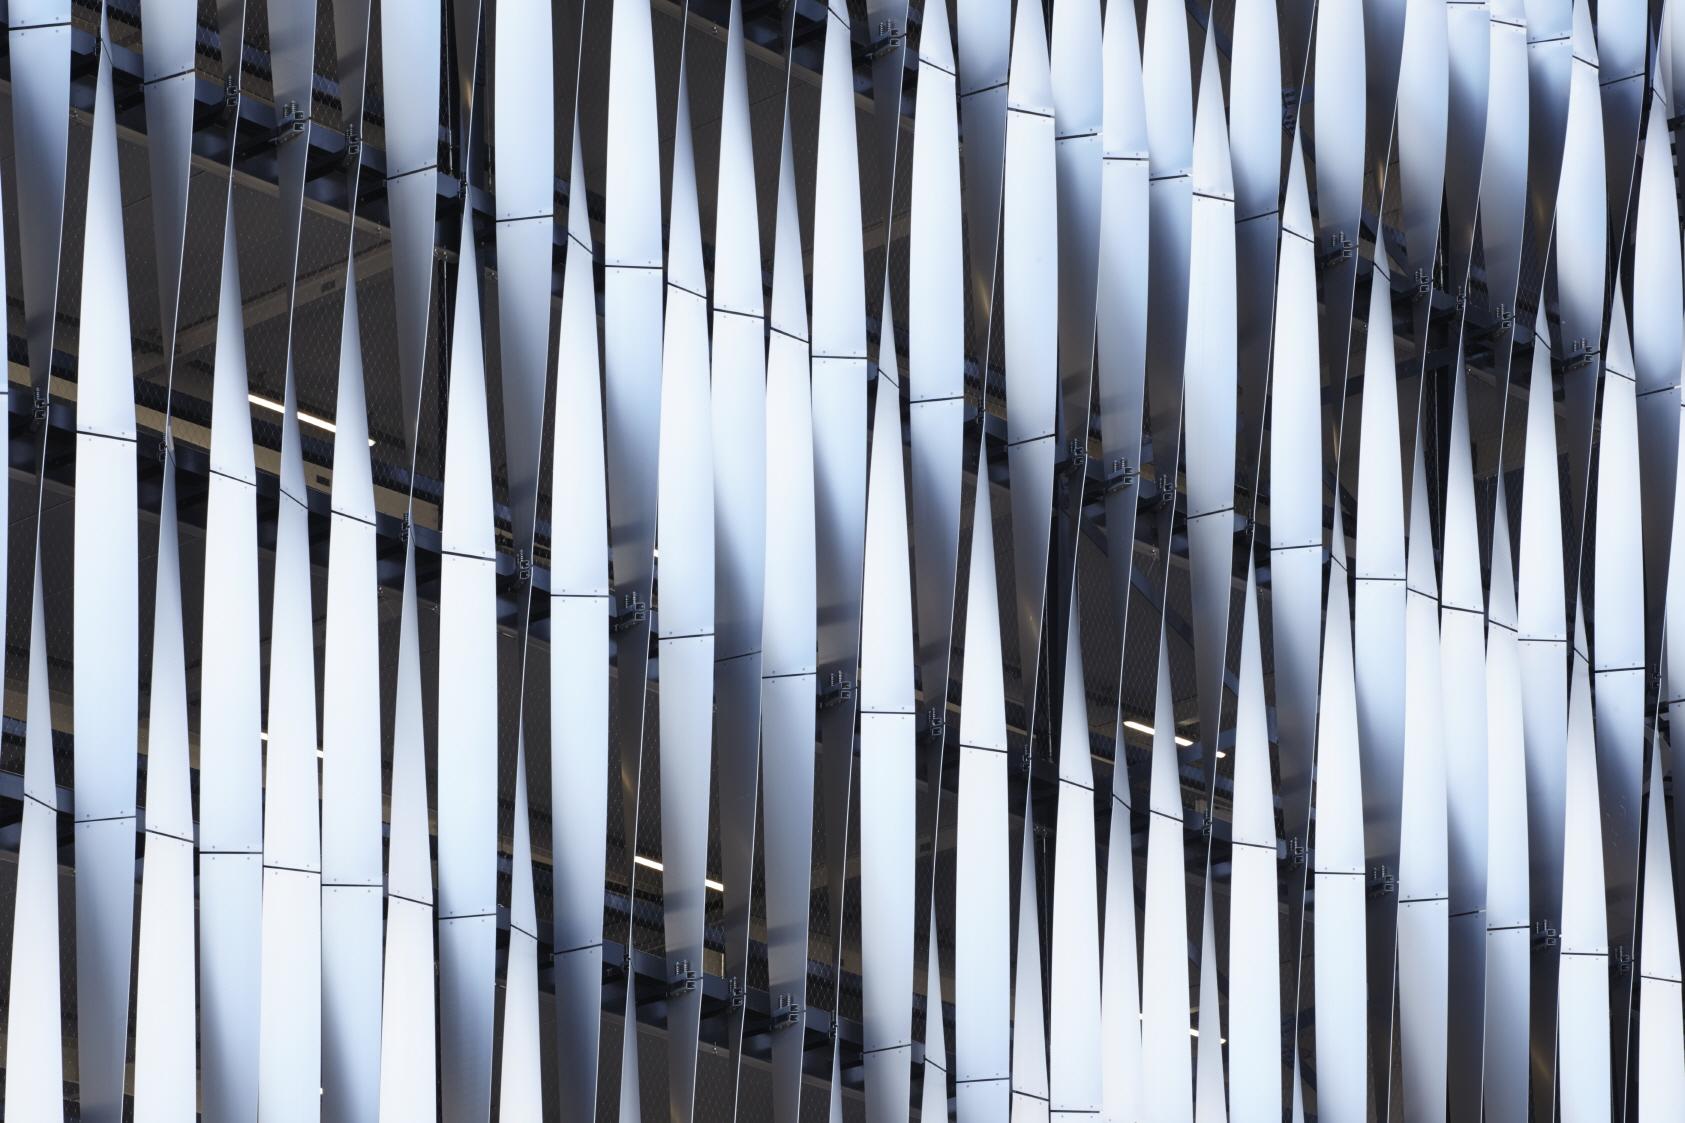 〔안정원의 건축 칼럼〕 지역의 맥락성을 고려한 입체적인 파사드와 다이어그리드 패턴 공간 7